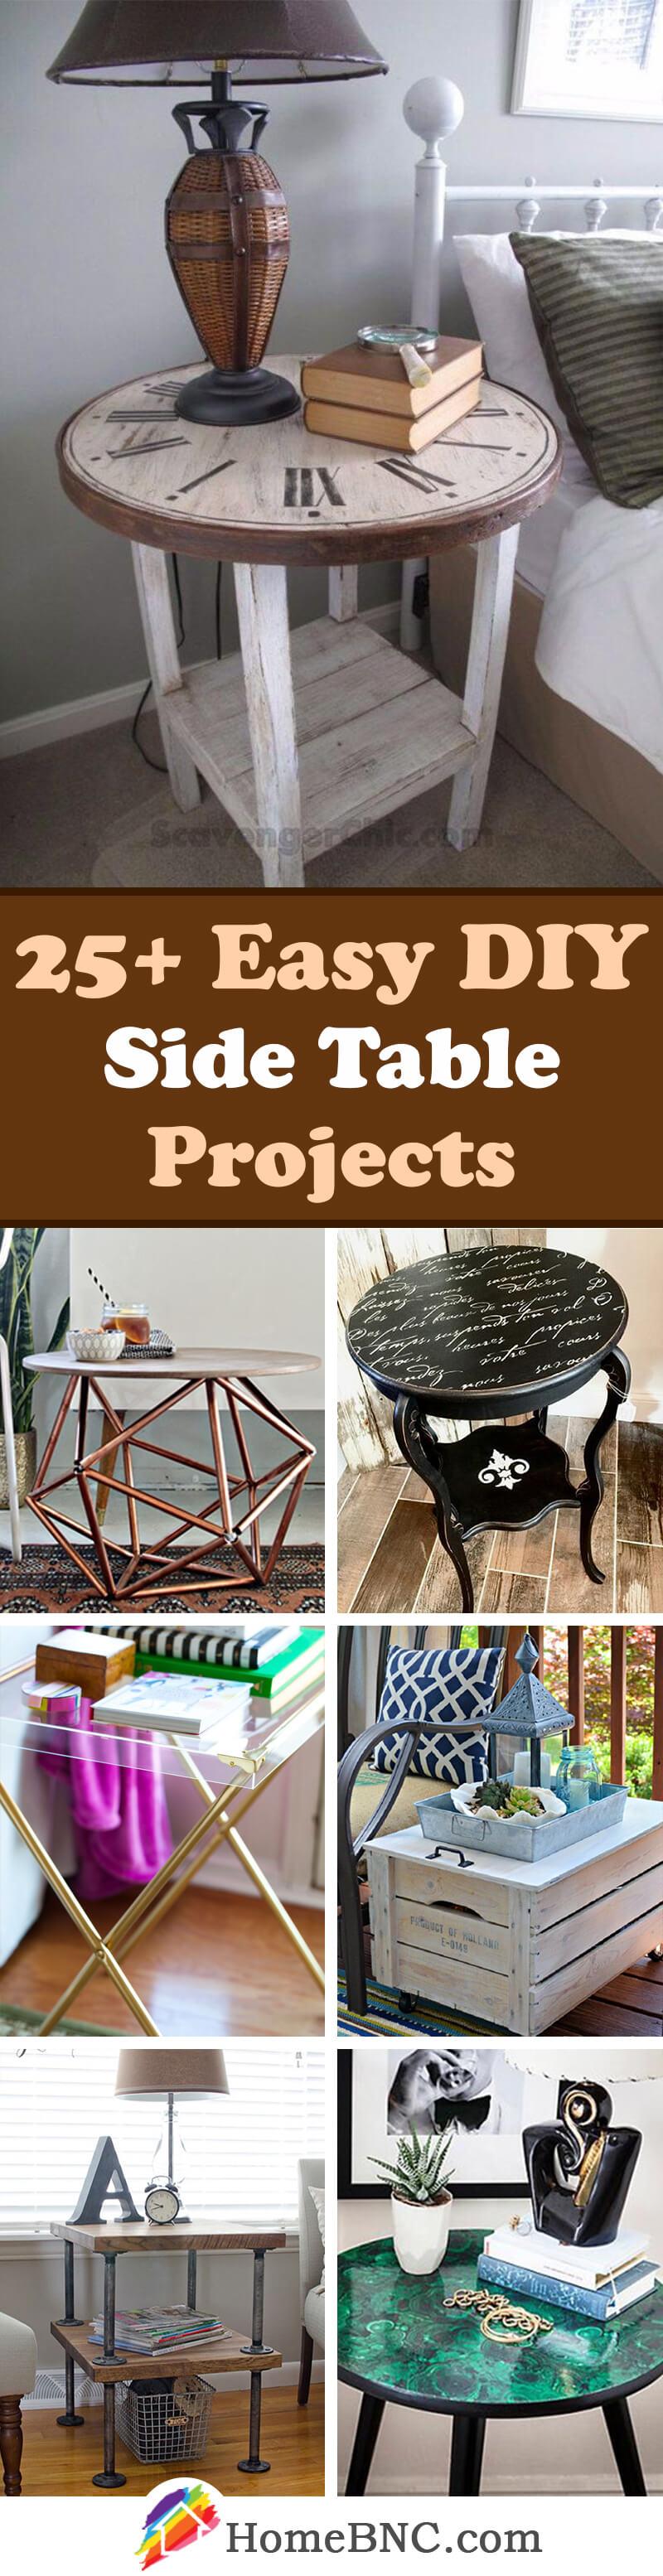 DIY Side Table Decor Ideas